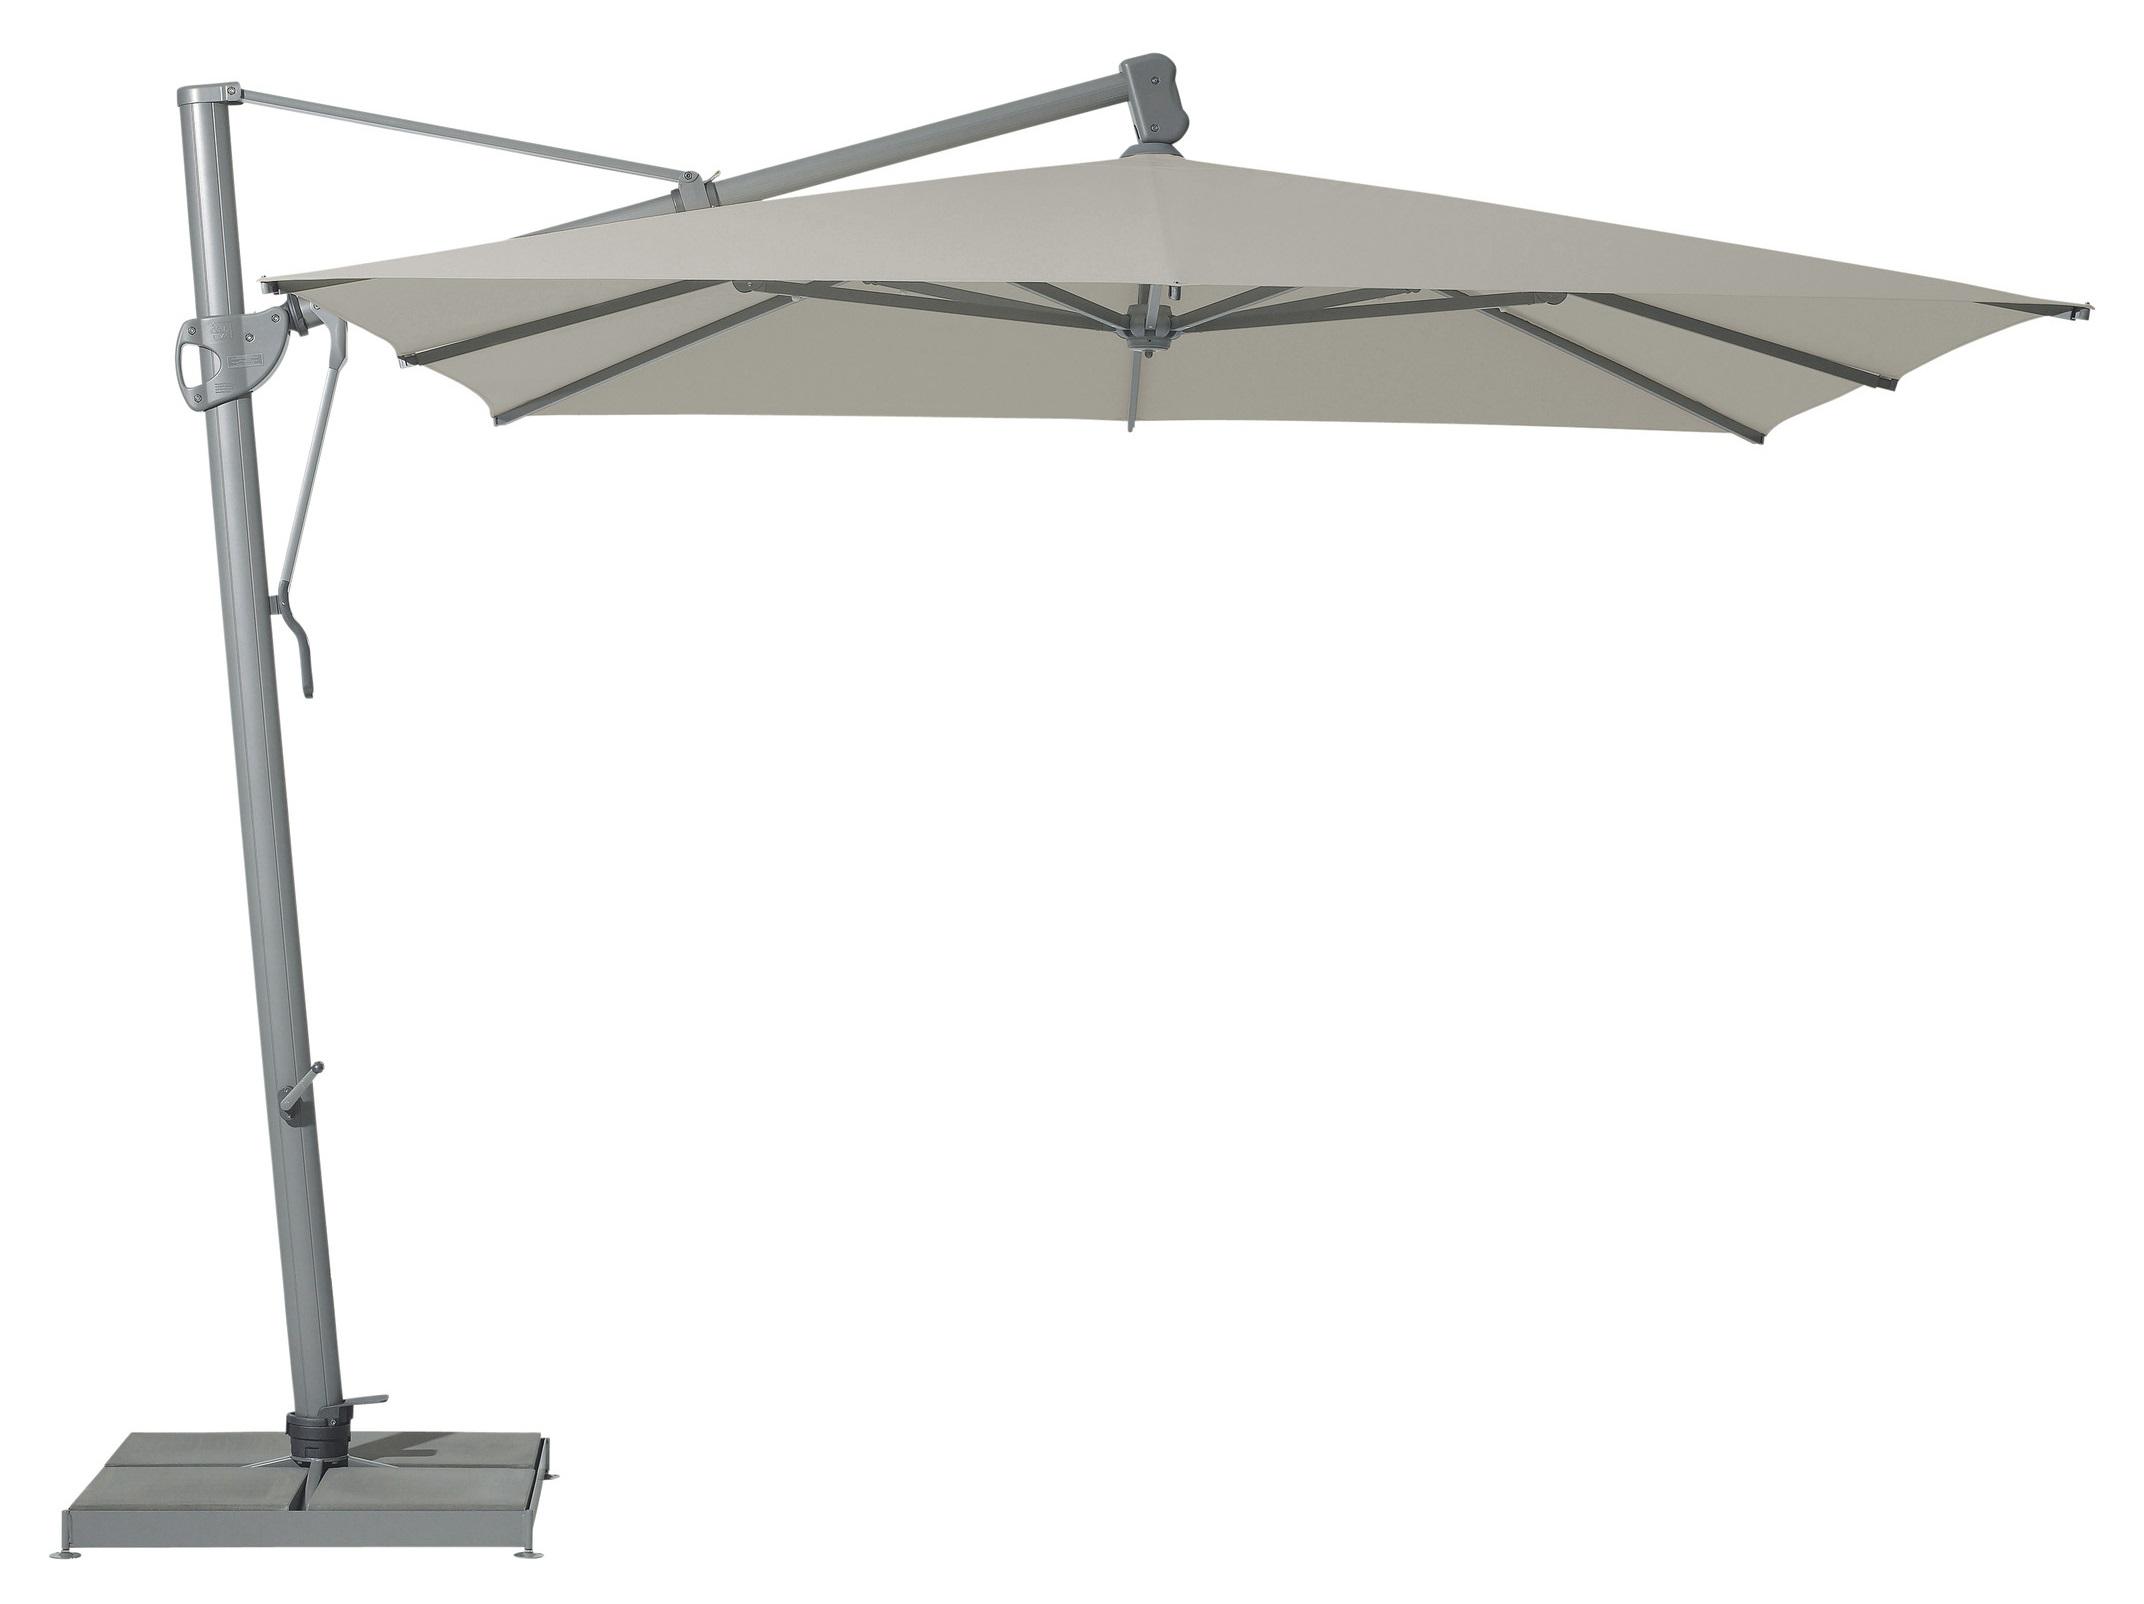 Уличный зонт SunflexТенты и зонты<br>Квадратный зонт с боковой опорой, каркас из алюминия. Вращается вокруг своей оси.&amp;amp;nbsp;&amp;lt;div&amp;gt;&amp;lt;br&amp;gt;&amp;lt;/div&amp;gt;&amp;lt;div&amp;gt;Плотность ткани 180 g/m2.&amp;amp;nbsp;&amp;lt;/div&amp;gt;&amp;lt;div&amp;gt;Максимальная ветровая нагрузка 30км/ч.&amp;amp;nbsp;&amp;lt;/div&amp;gt;&amp;lt;div&amp;gt;В комплект входит:  база 120кг, защитный чехол.&amp;amp;nbsp;&amp;lt;/div&amp;gt;<br><br>Material: Алюминий<br>Ширина см: 300<br>Высота см: 270<br>Глубина см: 300